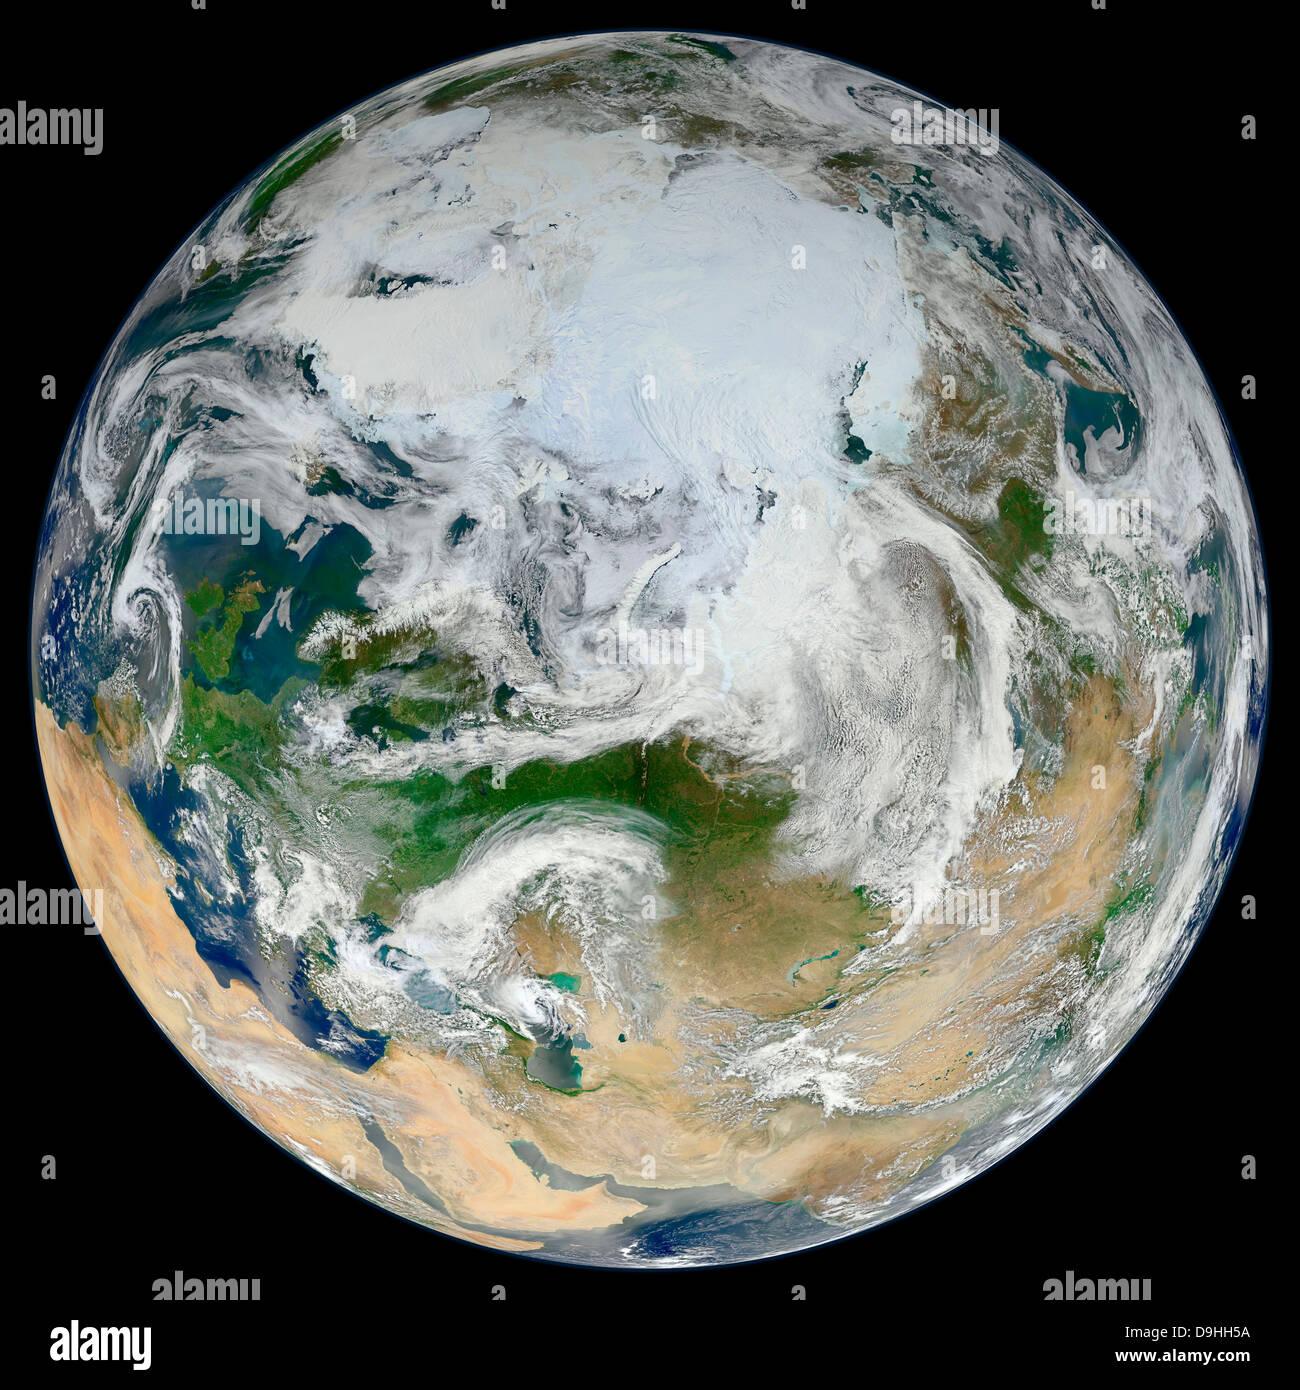 Une vue synthétisée de terre montrant l'Arctique, l'Europe et l'Asie. Photo Stock